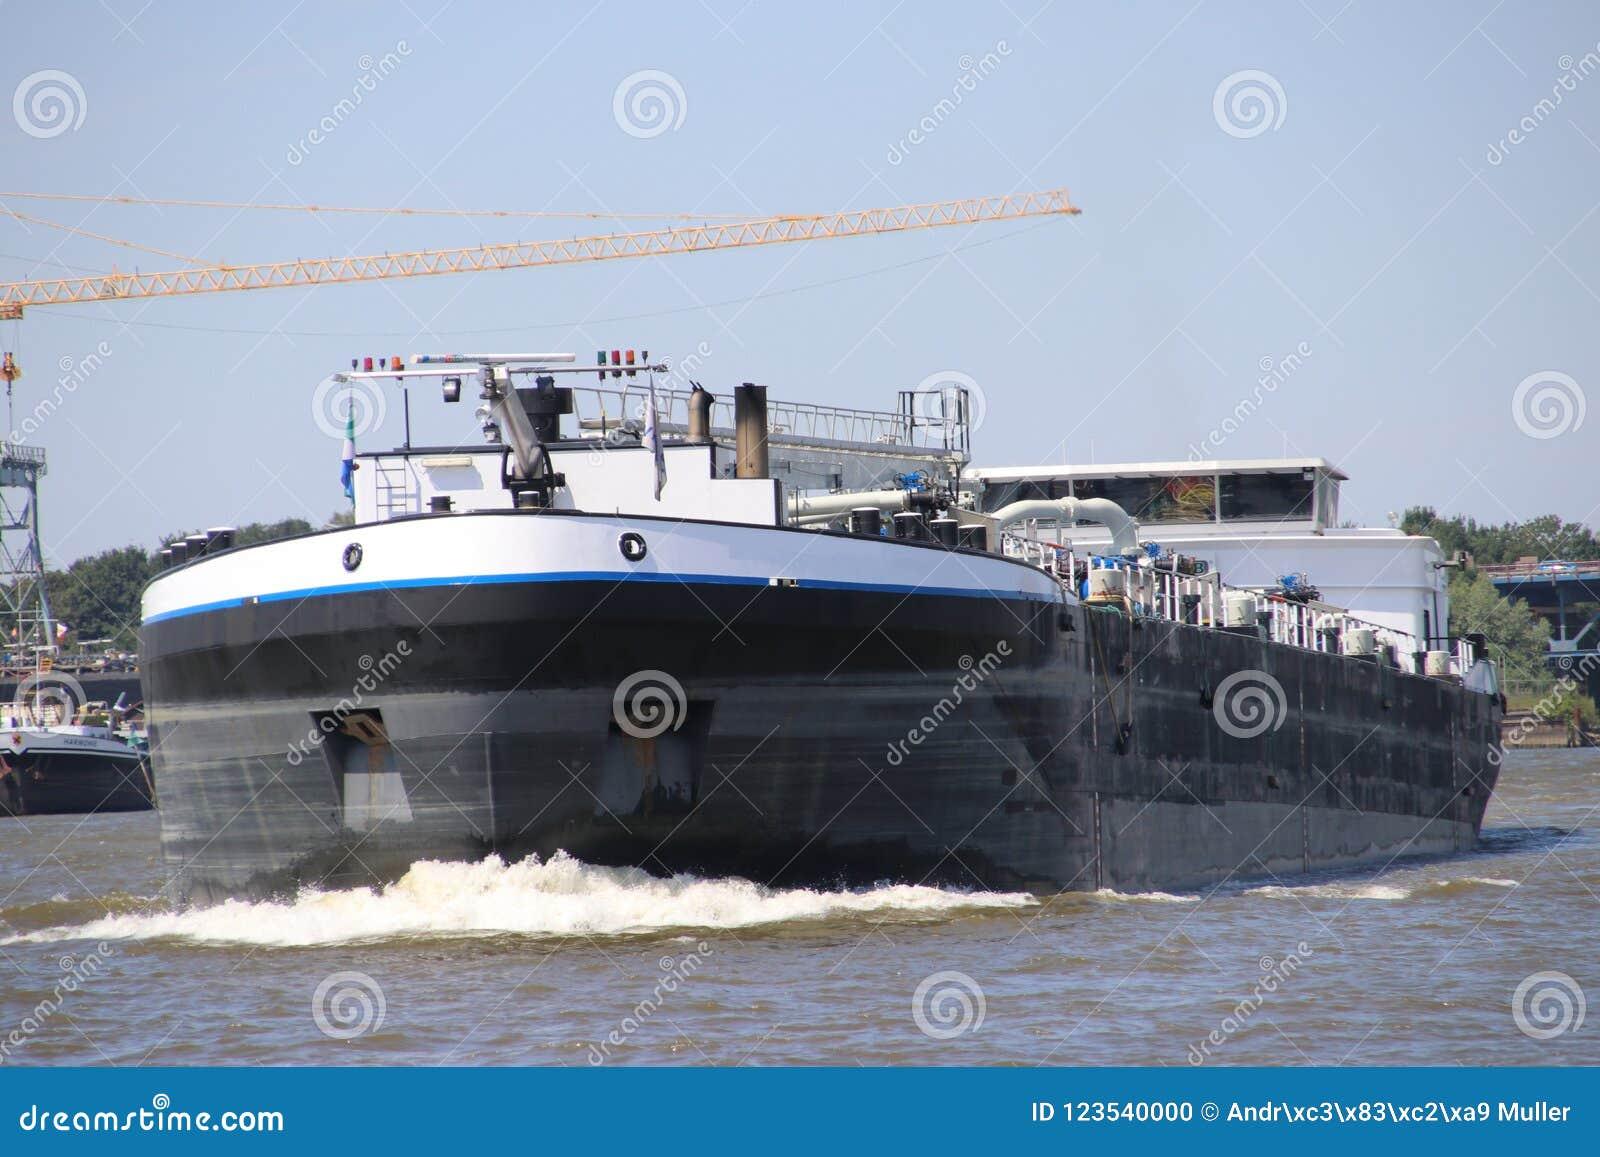 Inlands- frakt sänder på flodLek som transporterar seafreight till hamnar i Tyskland och Schweiz